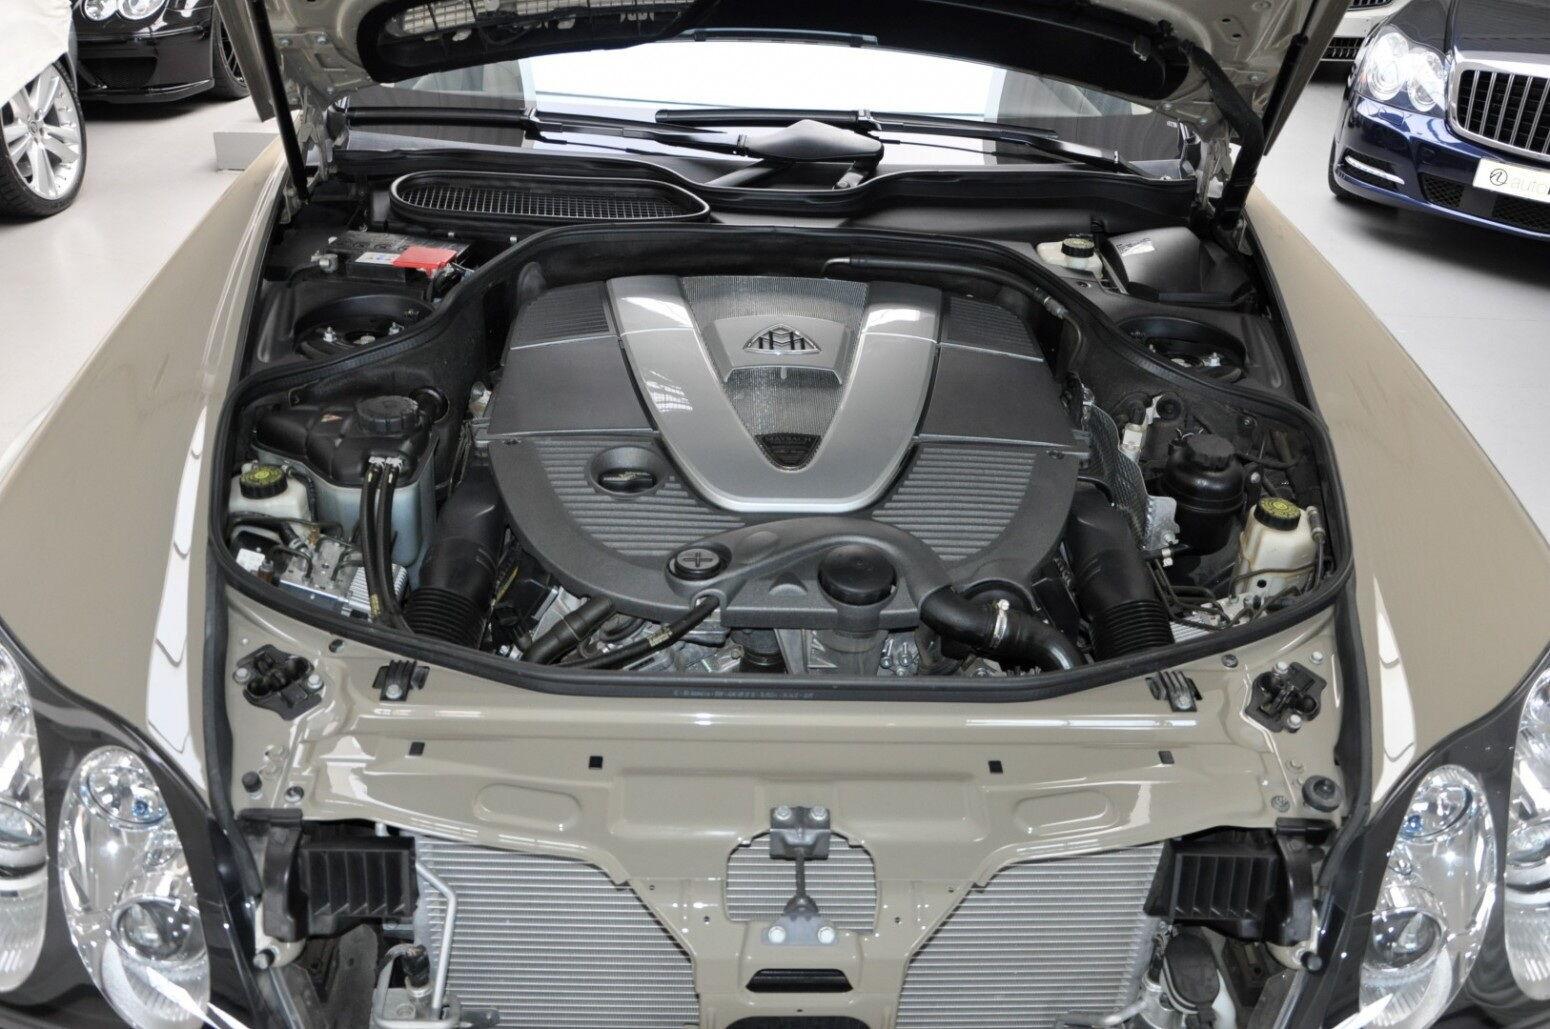 Под капотом купе располагается 6-литровый V12, развивающий 640 л.с.